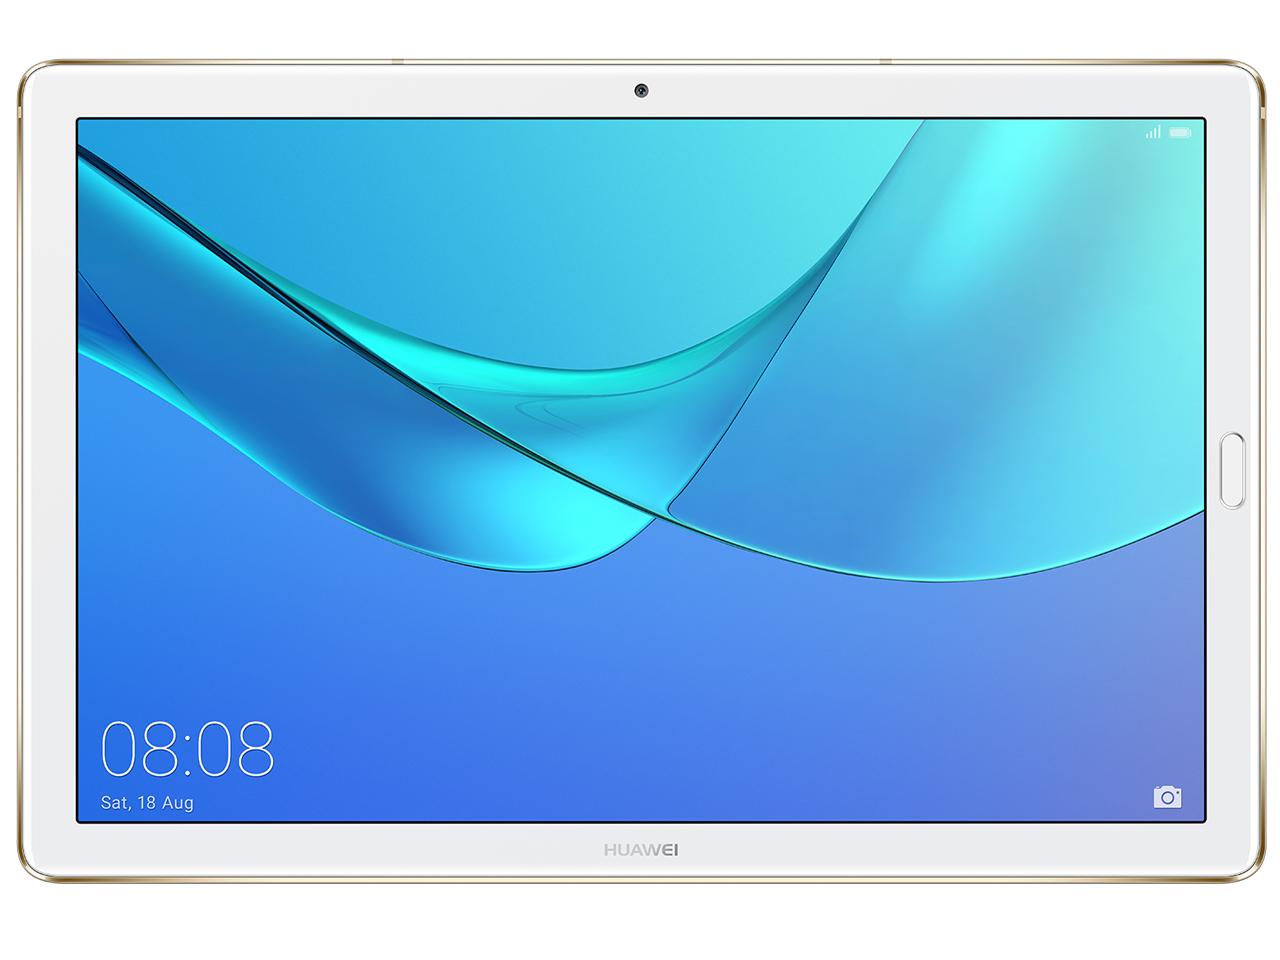 【新品未開封・白ロム・タブレット】HUAWEI MediaPad M5 Pro シャンパンゴールド CMR-W19 Wi-Fiモデル  タブレットmediapad M5PRO cmr-w19  M5PRO シャンパンゴールド